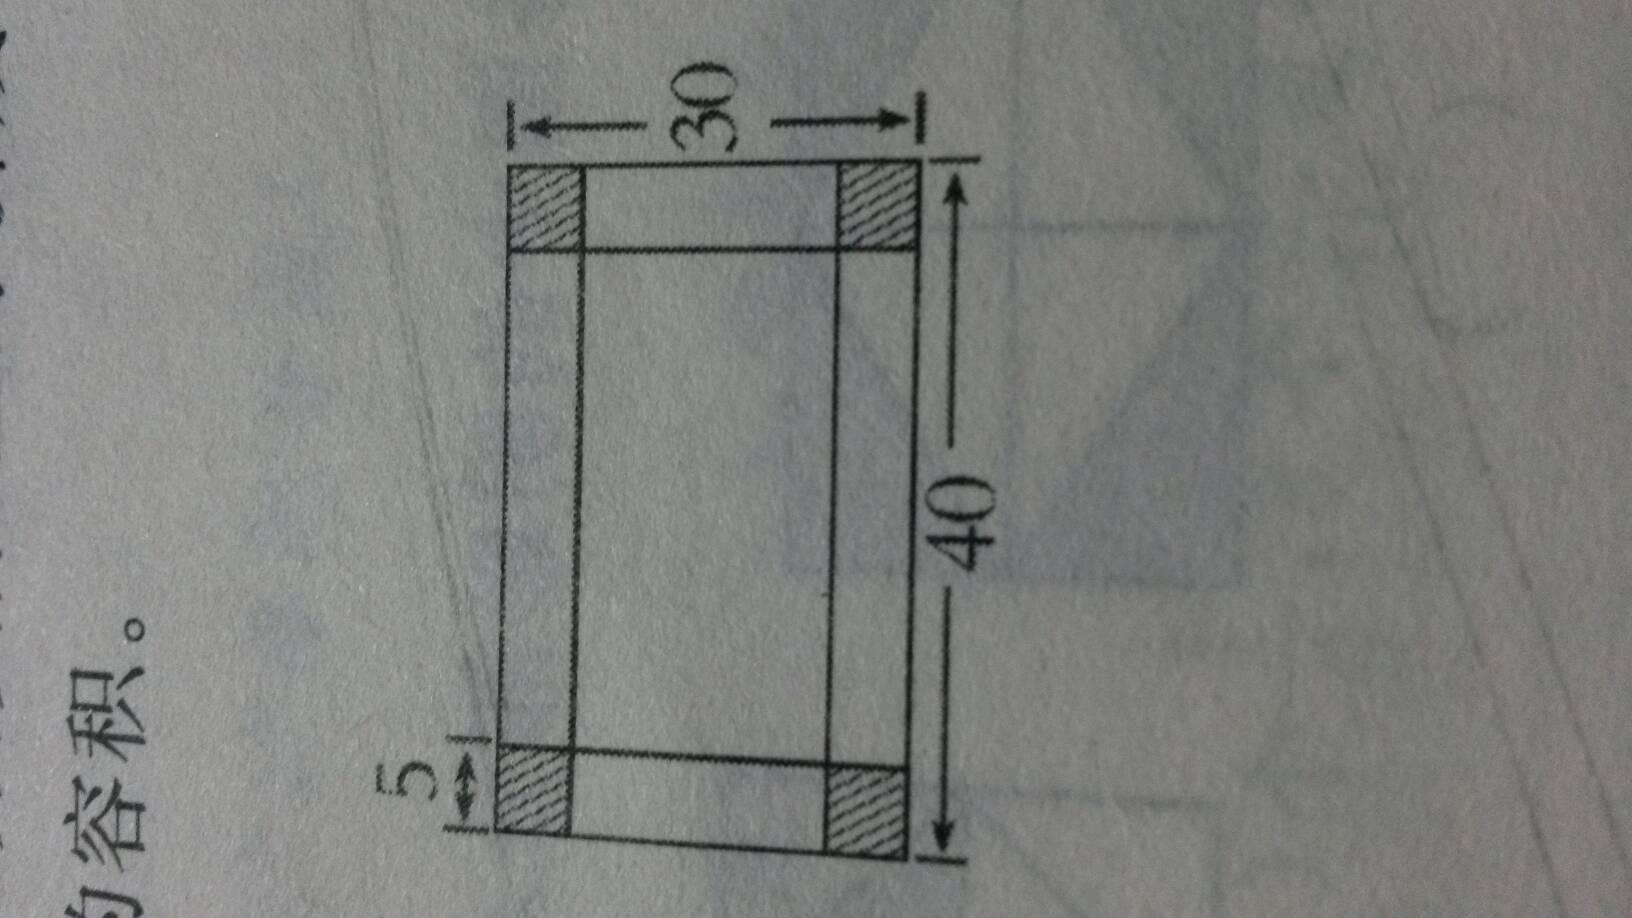 一块长方形苗圃的长_有一块长40cm 宽30cm 的长方形铁皮 在它的四个角分别剪去面积相等 ...